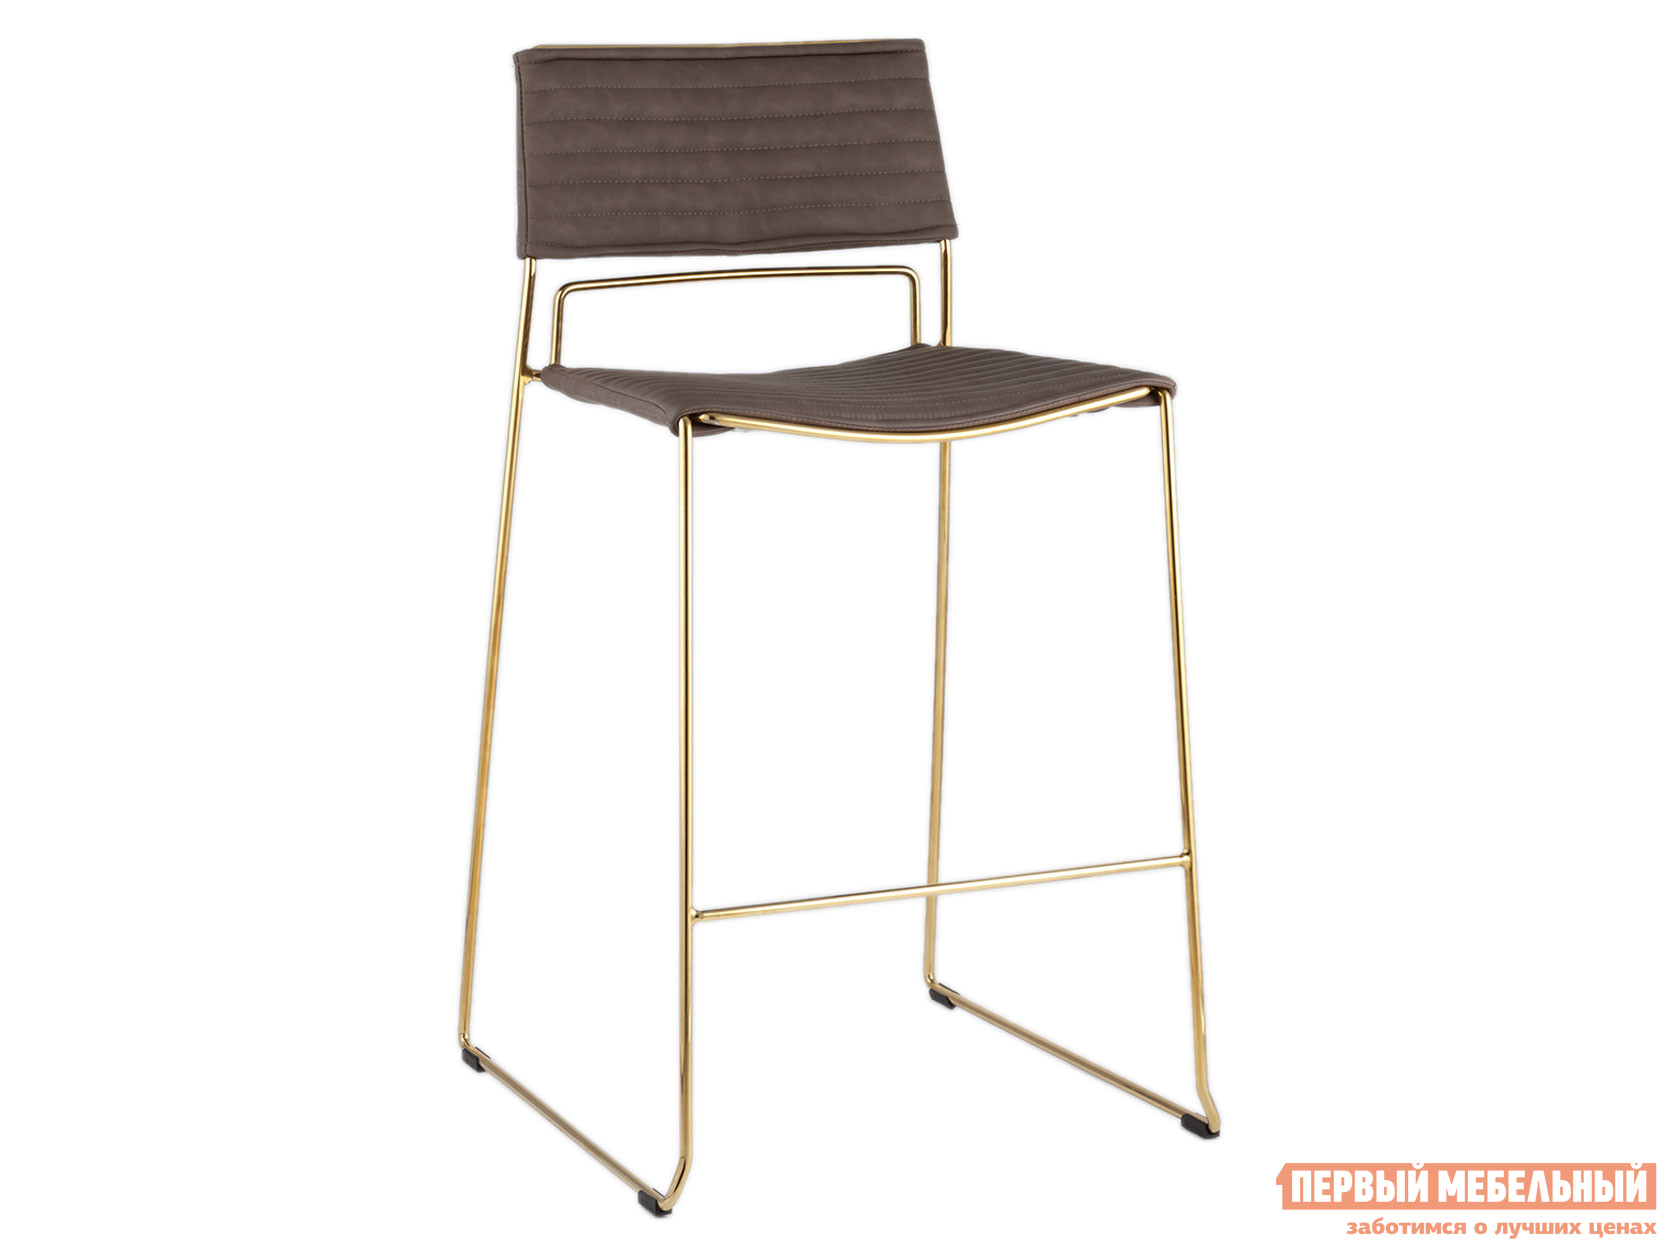 Барный стул Stool Group Стул Дэйзи полубарный FDC8051 барный стул stool group стул барный лион bc 99004